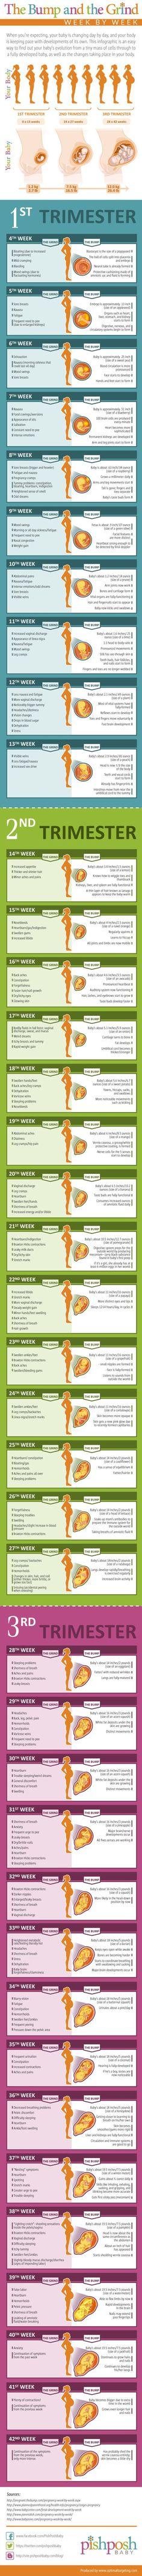 Pregnancy Week by Week Chart